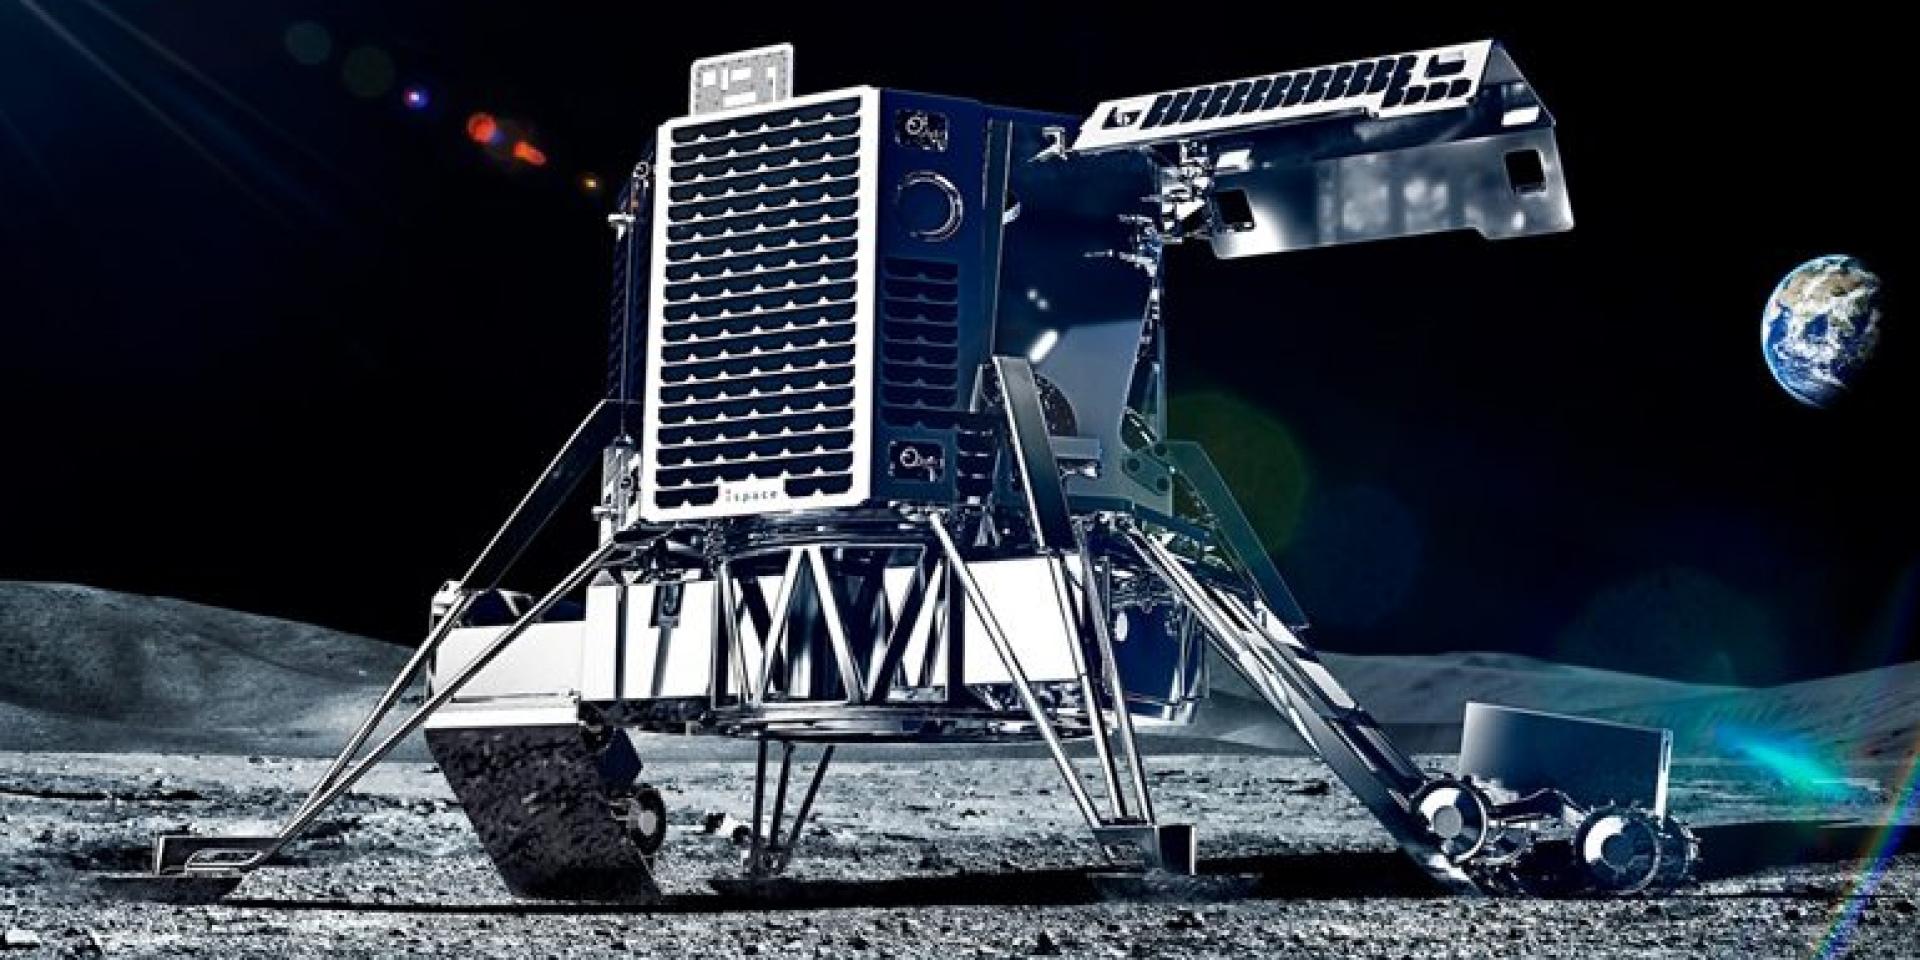 SUZUKI前進太空,iSpace太空計畫登陸月球!